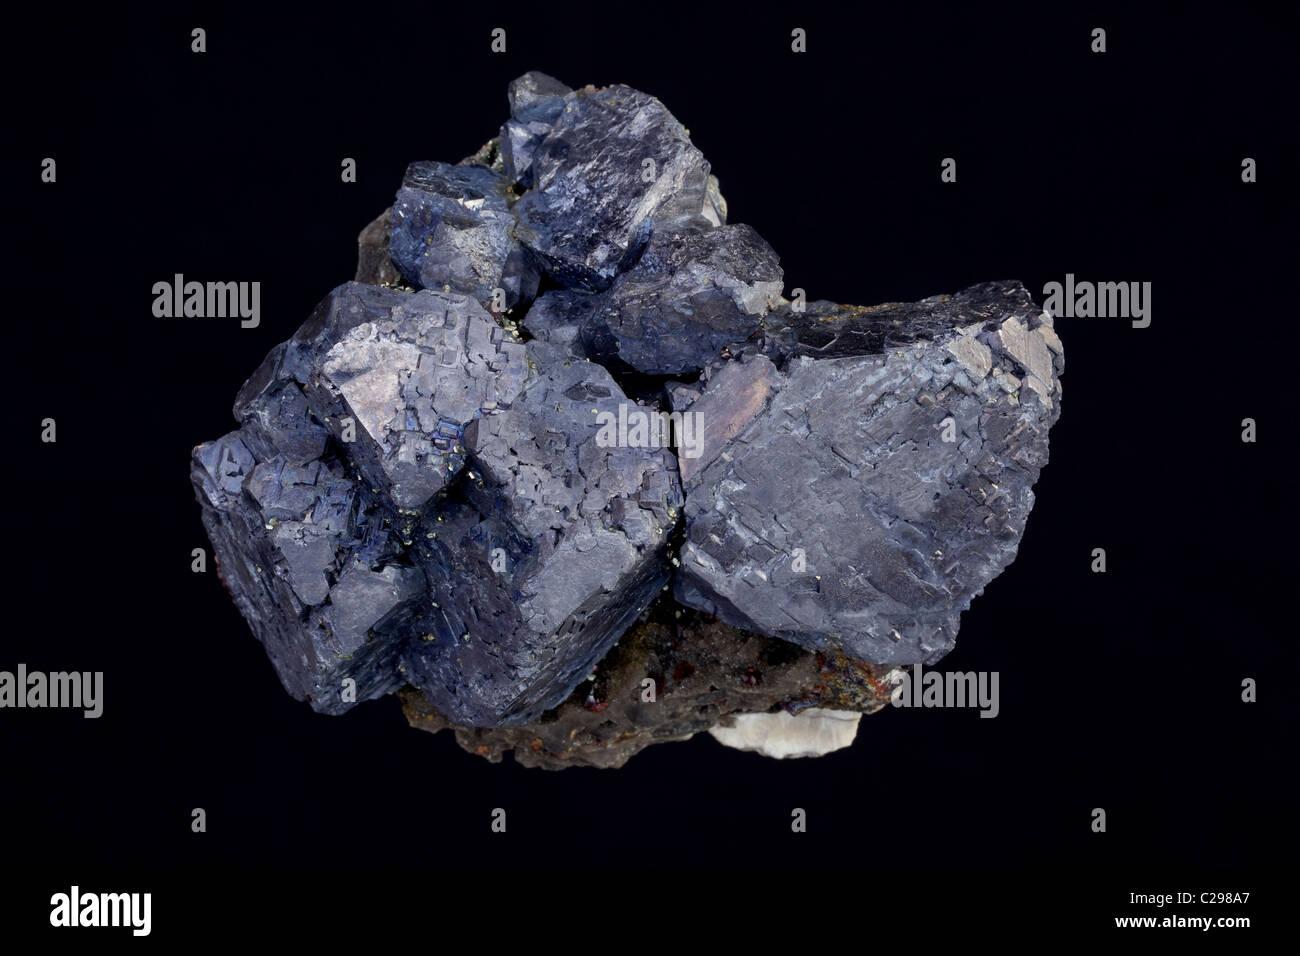 Galena (PbS (sulfuro de plomo) - condado de Sweetwater Mina - Reynolds - Missouri - USA - el mineral principal de Imagen De Stock